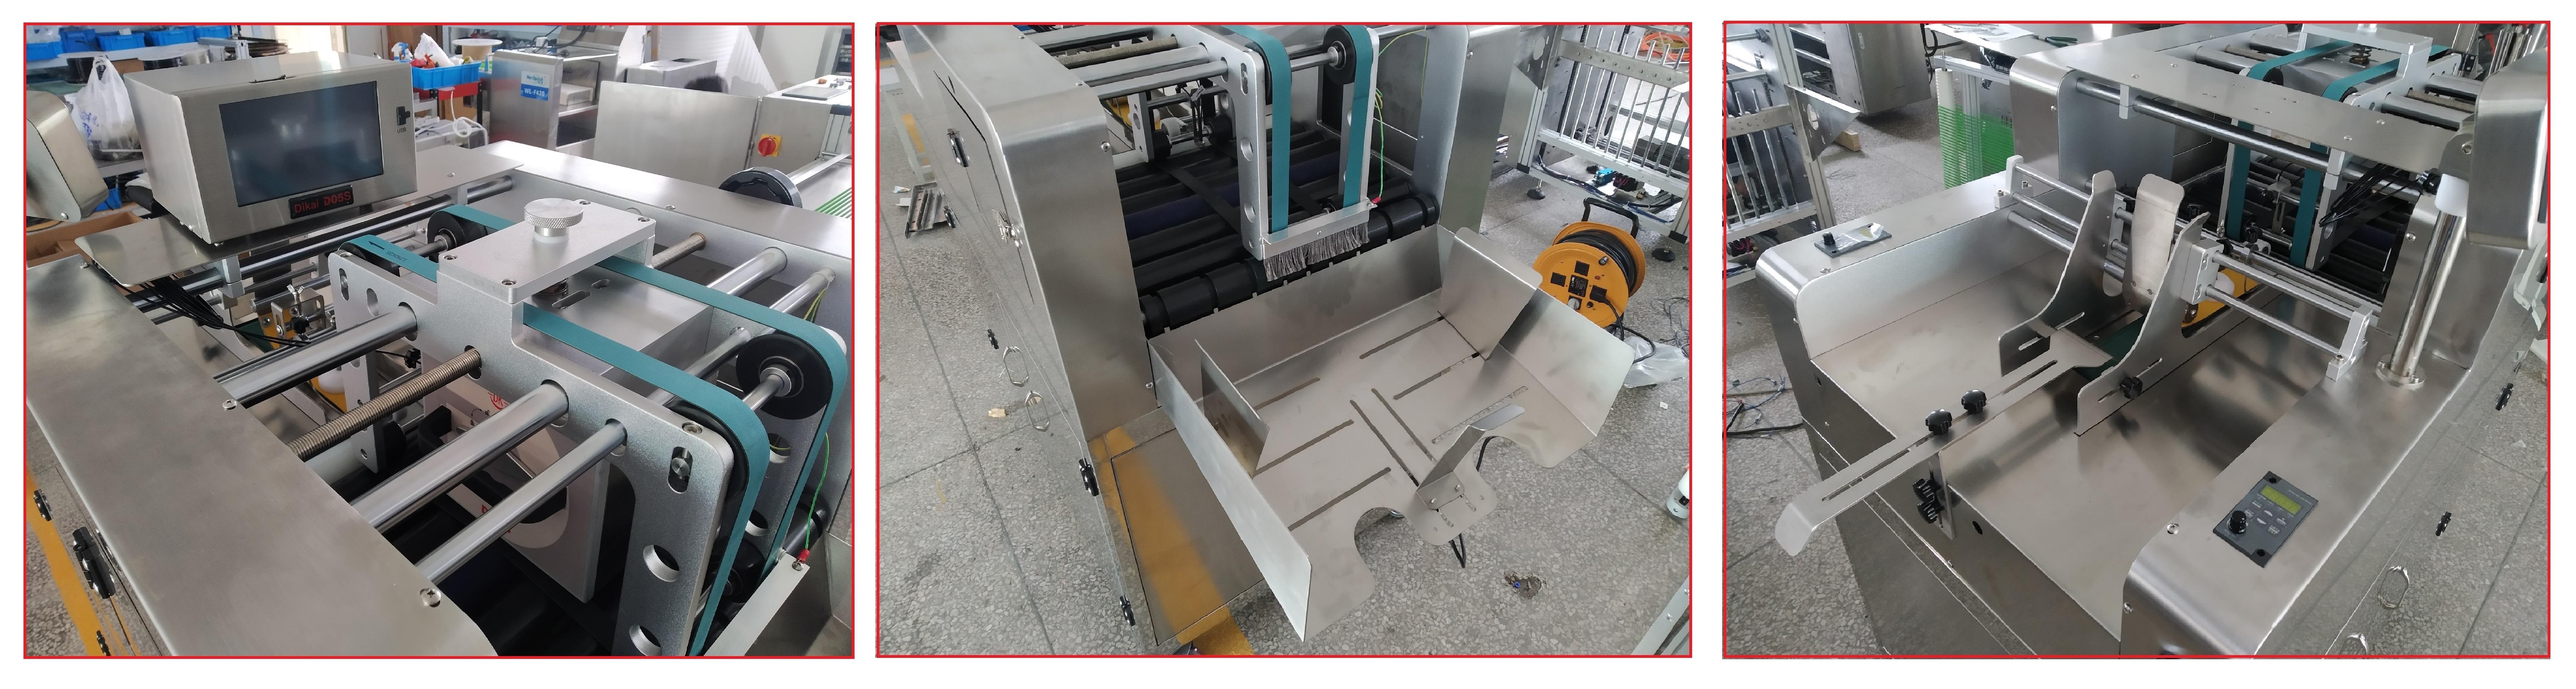 分页TTO热打印一体机.jpg